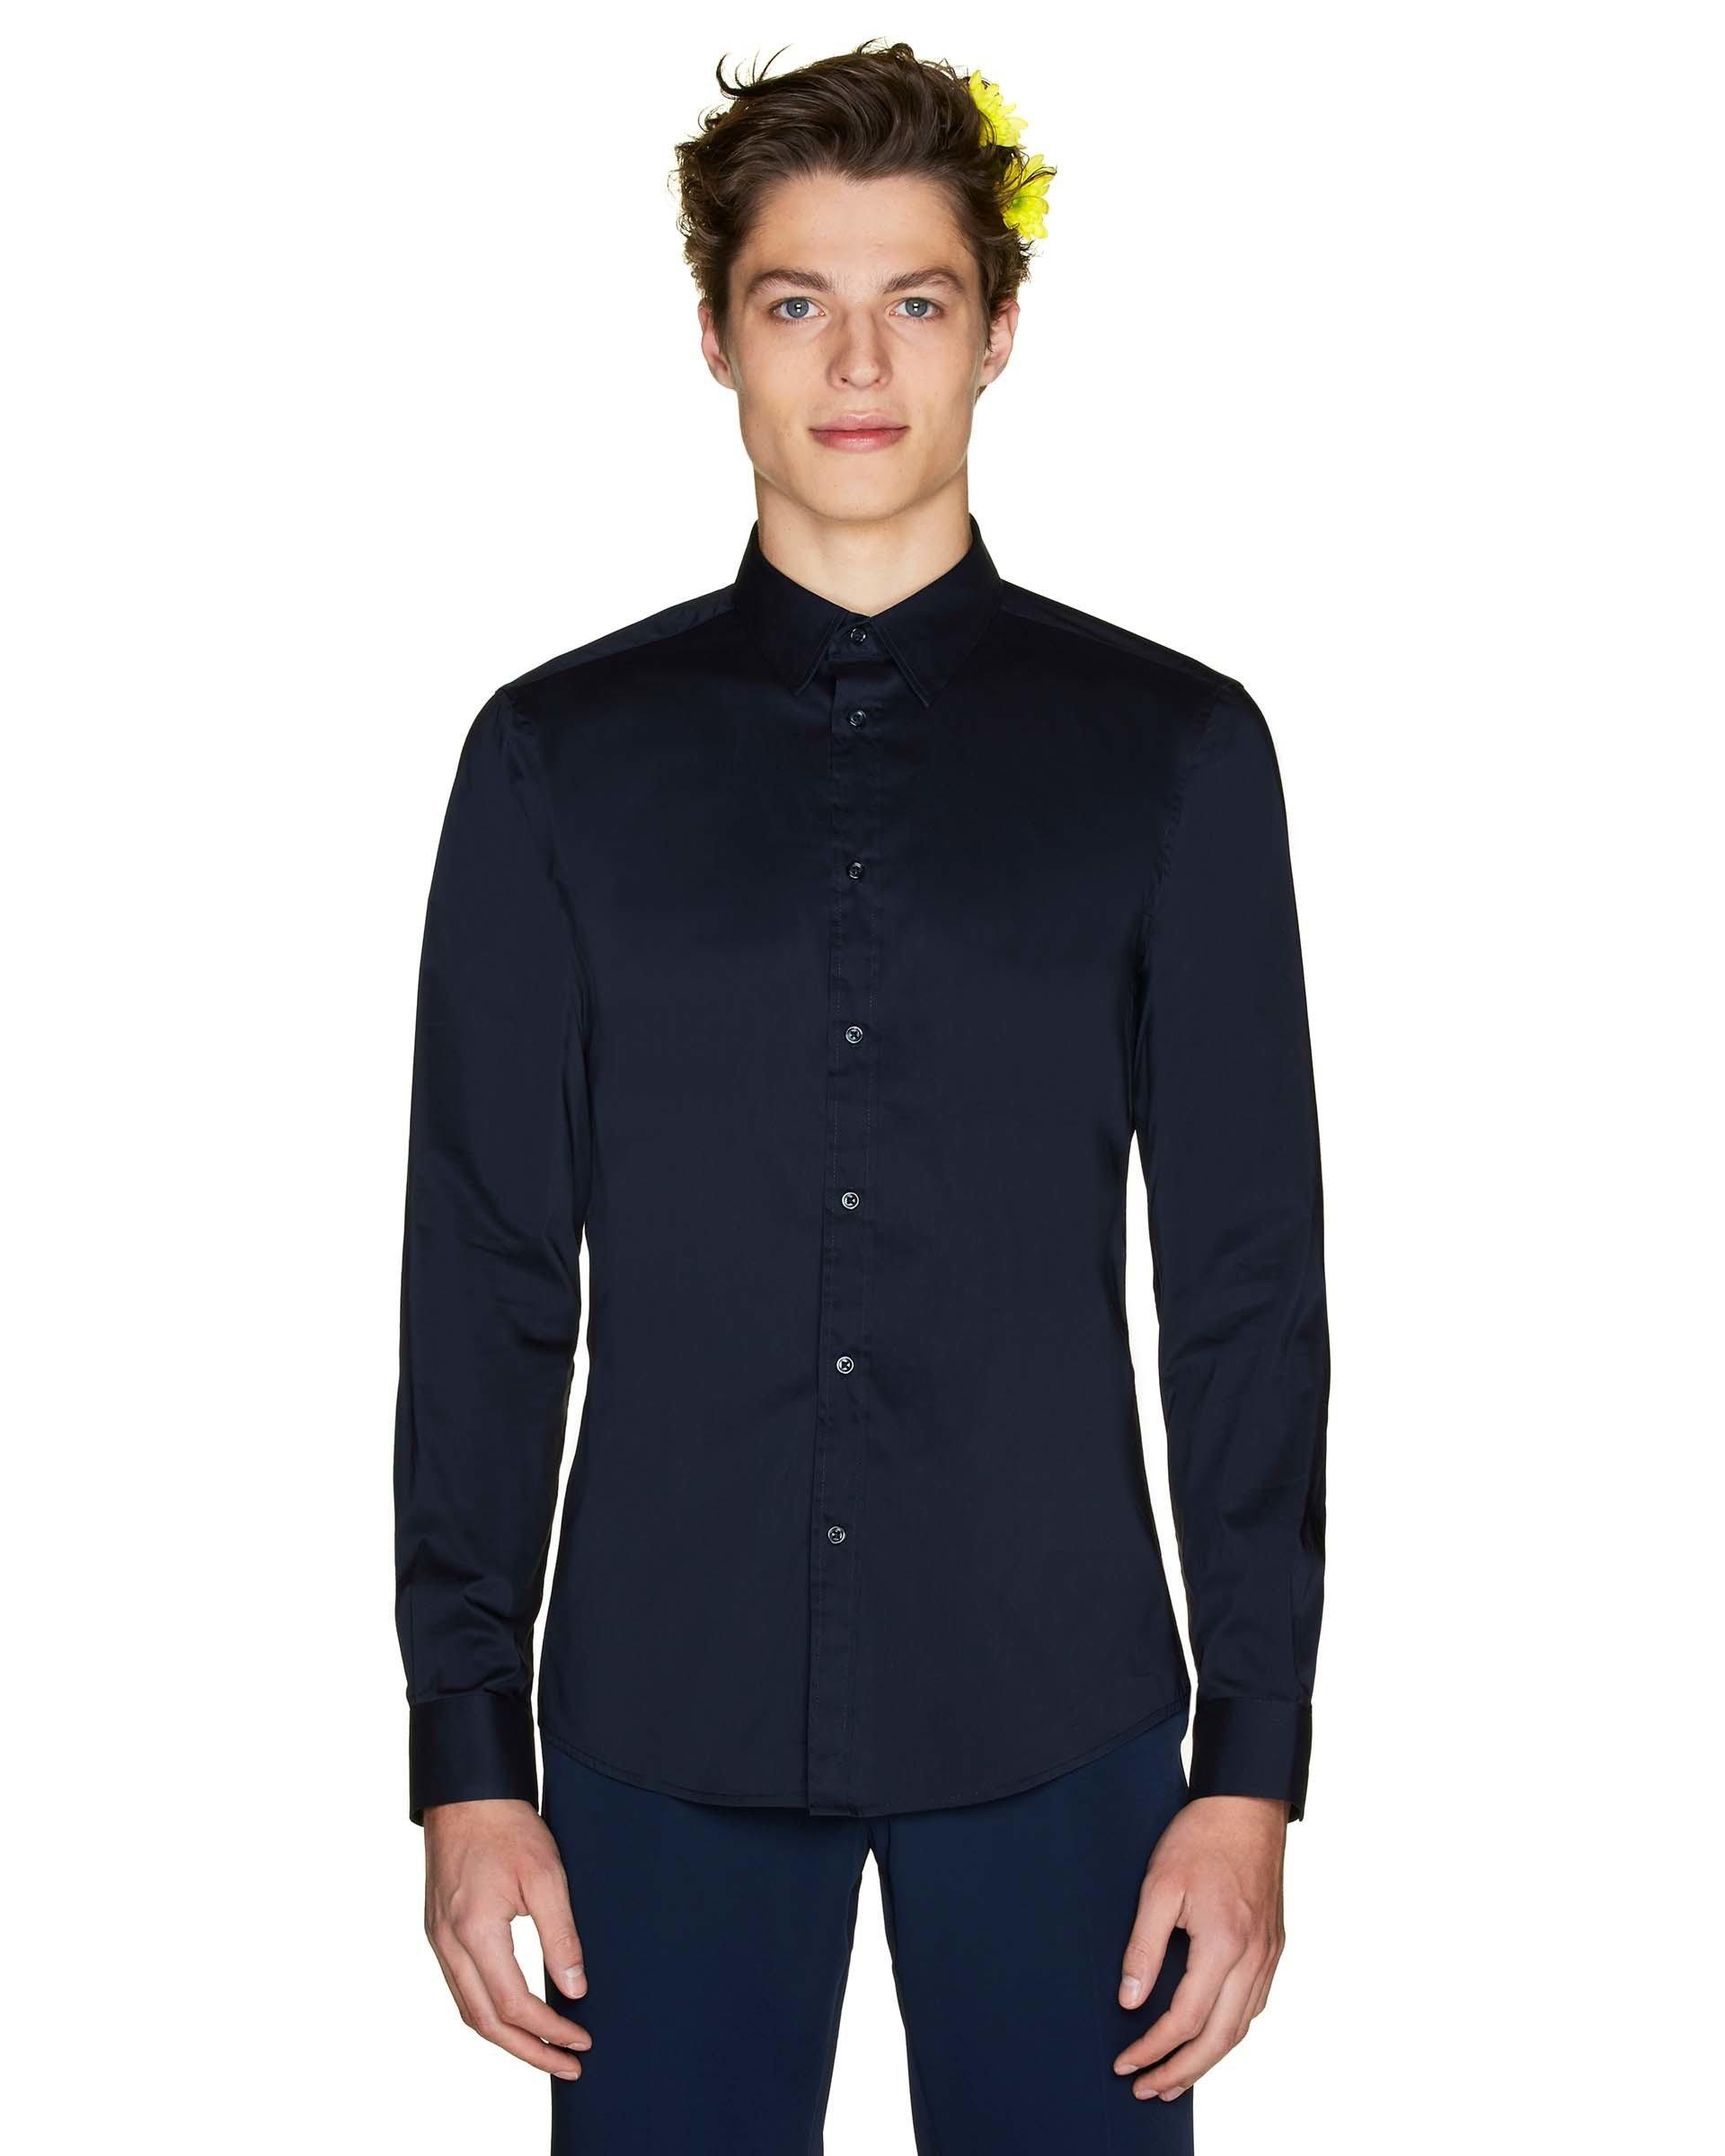 РубашкаКлассические<br>Цветы на фотографиях не являются товаром и продаже не подлежат.<br>Цвет: Синий; Размер: S;